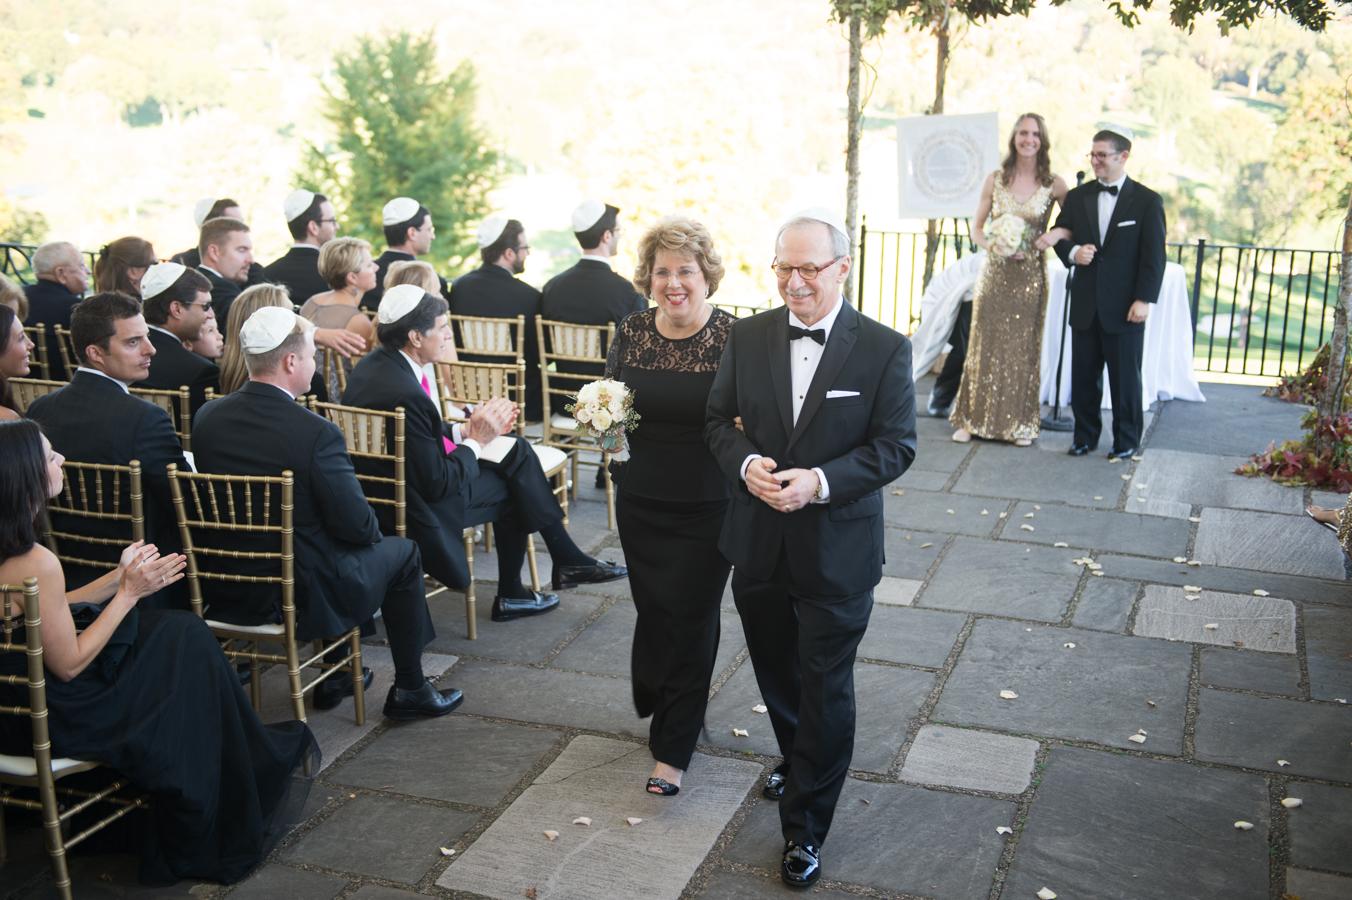 Pittsburgh Field Club Weddings | Elizabeth Craig Photography-113